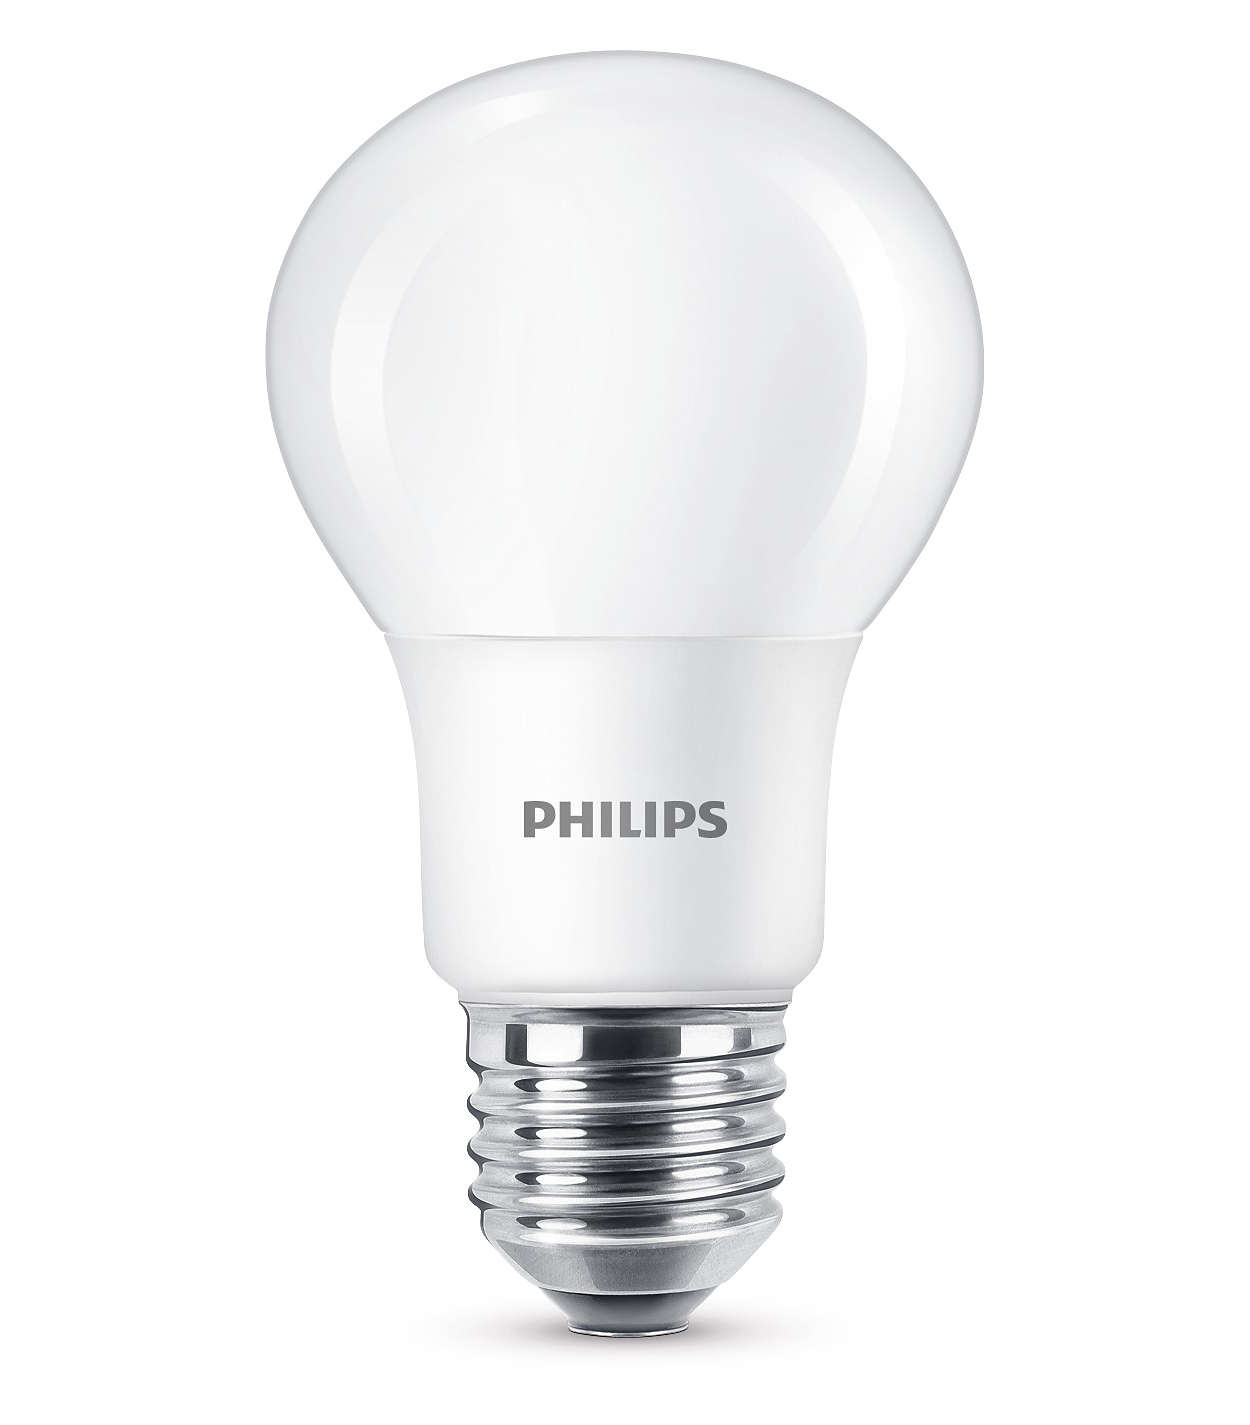 køligt, hvidt lys, der ikke går på kompromis med lyskvaliteten